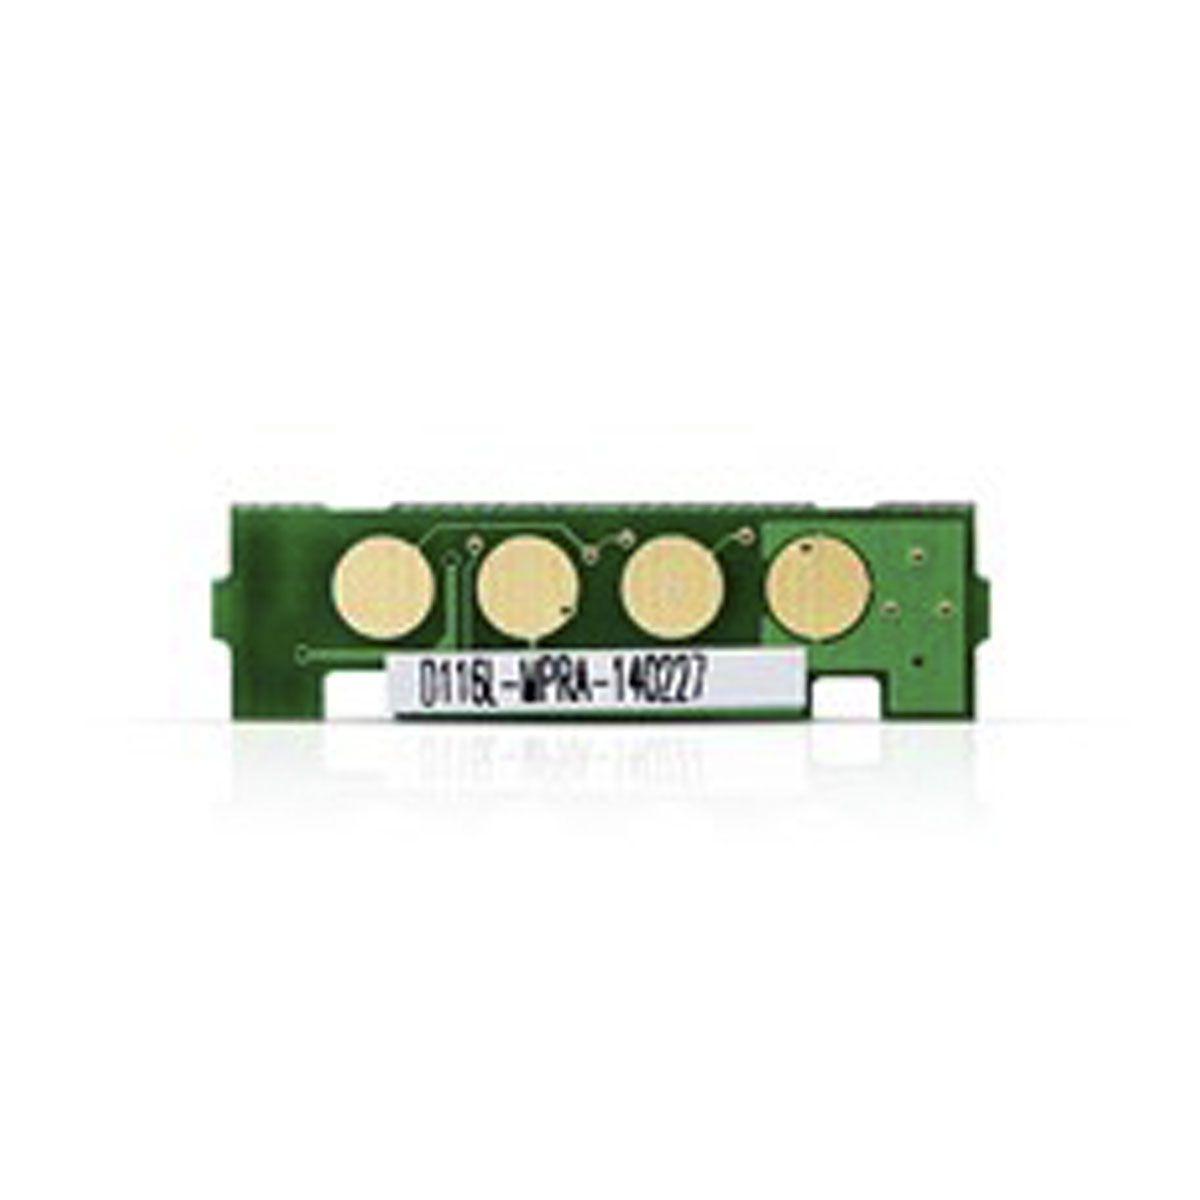 Chip Samsung D116L D116 116 - M2875 M2885 M2825 M2825ND M2835DW - 3k